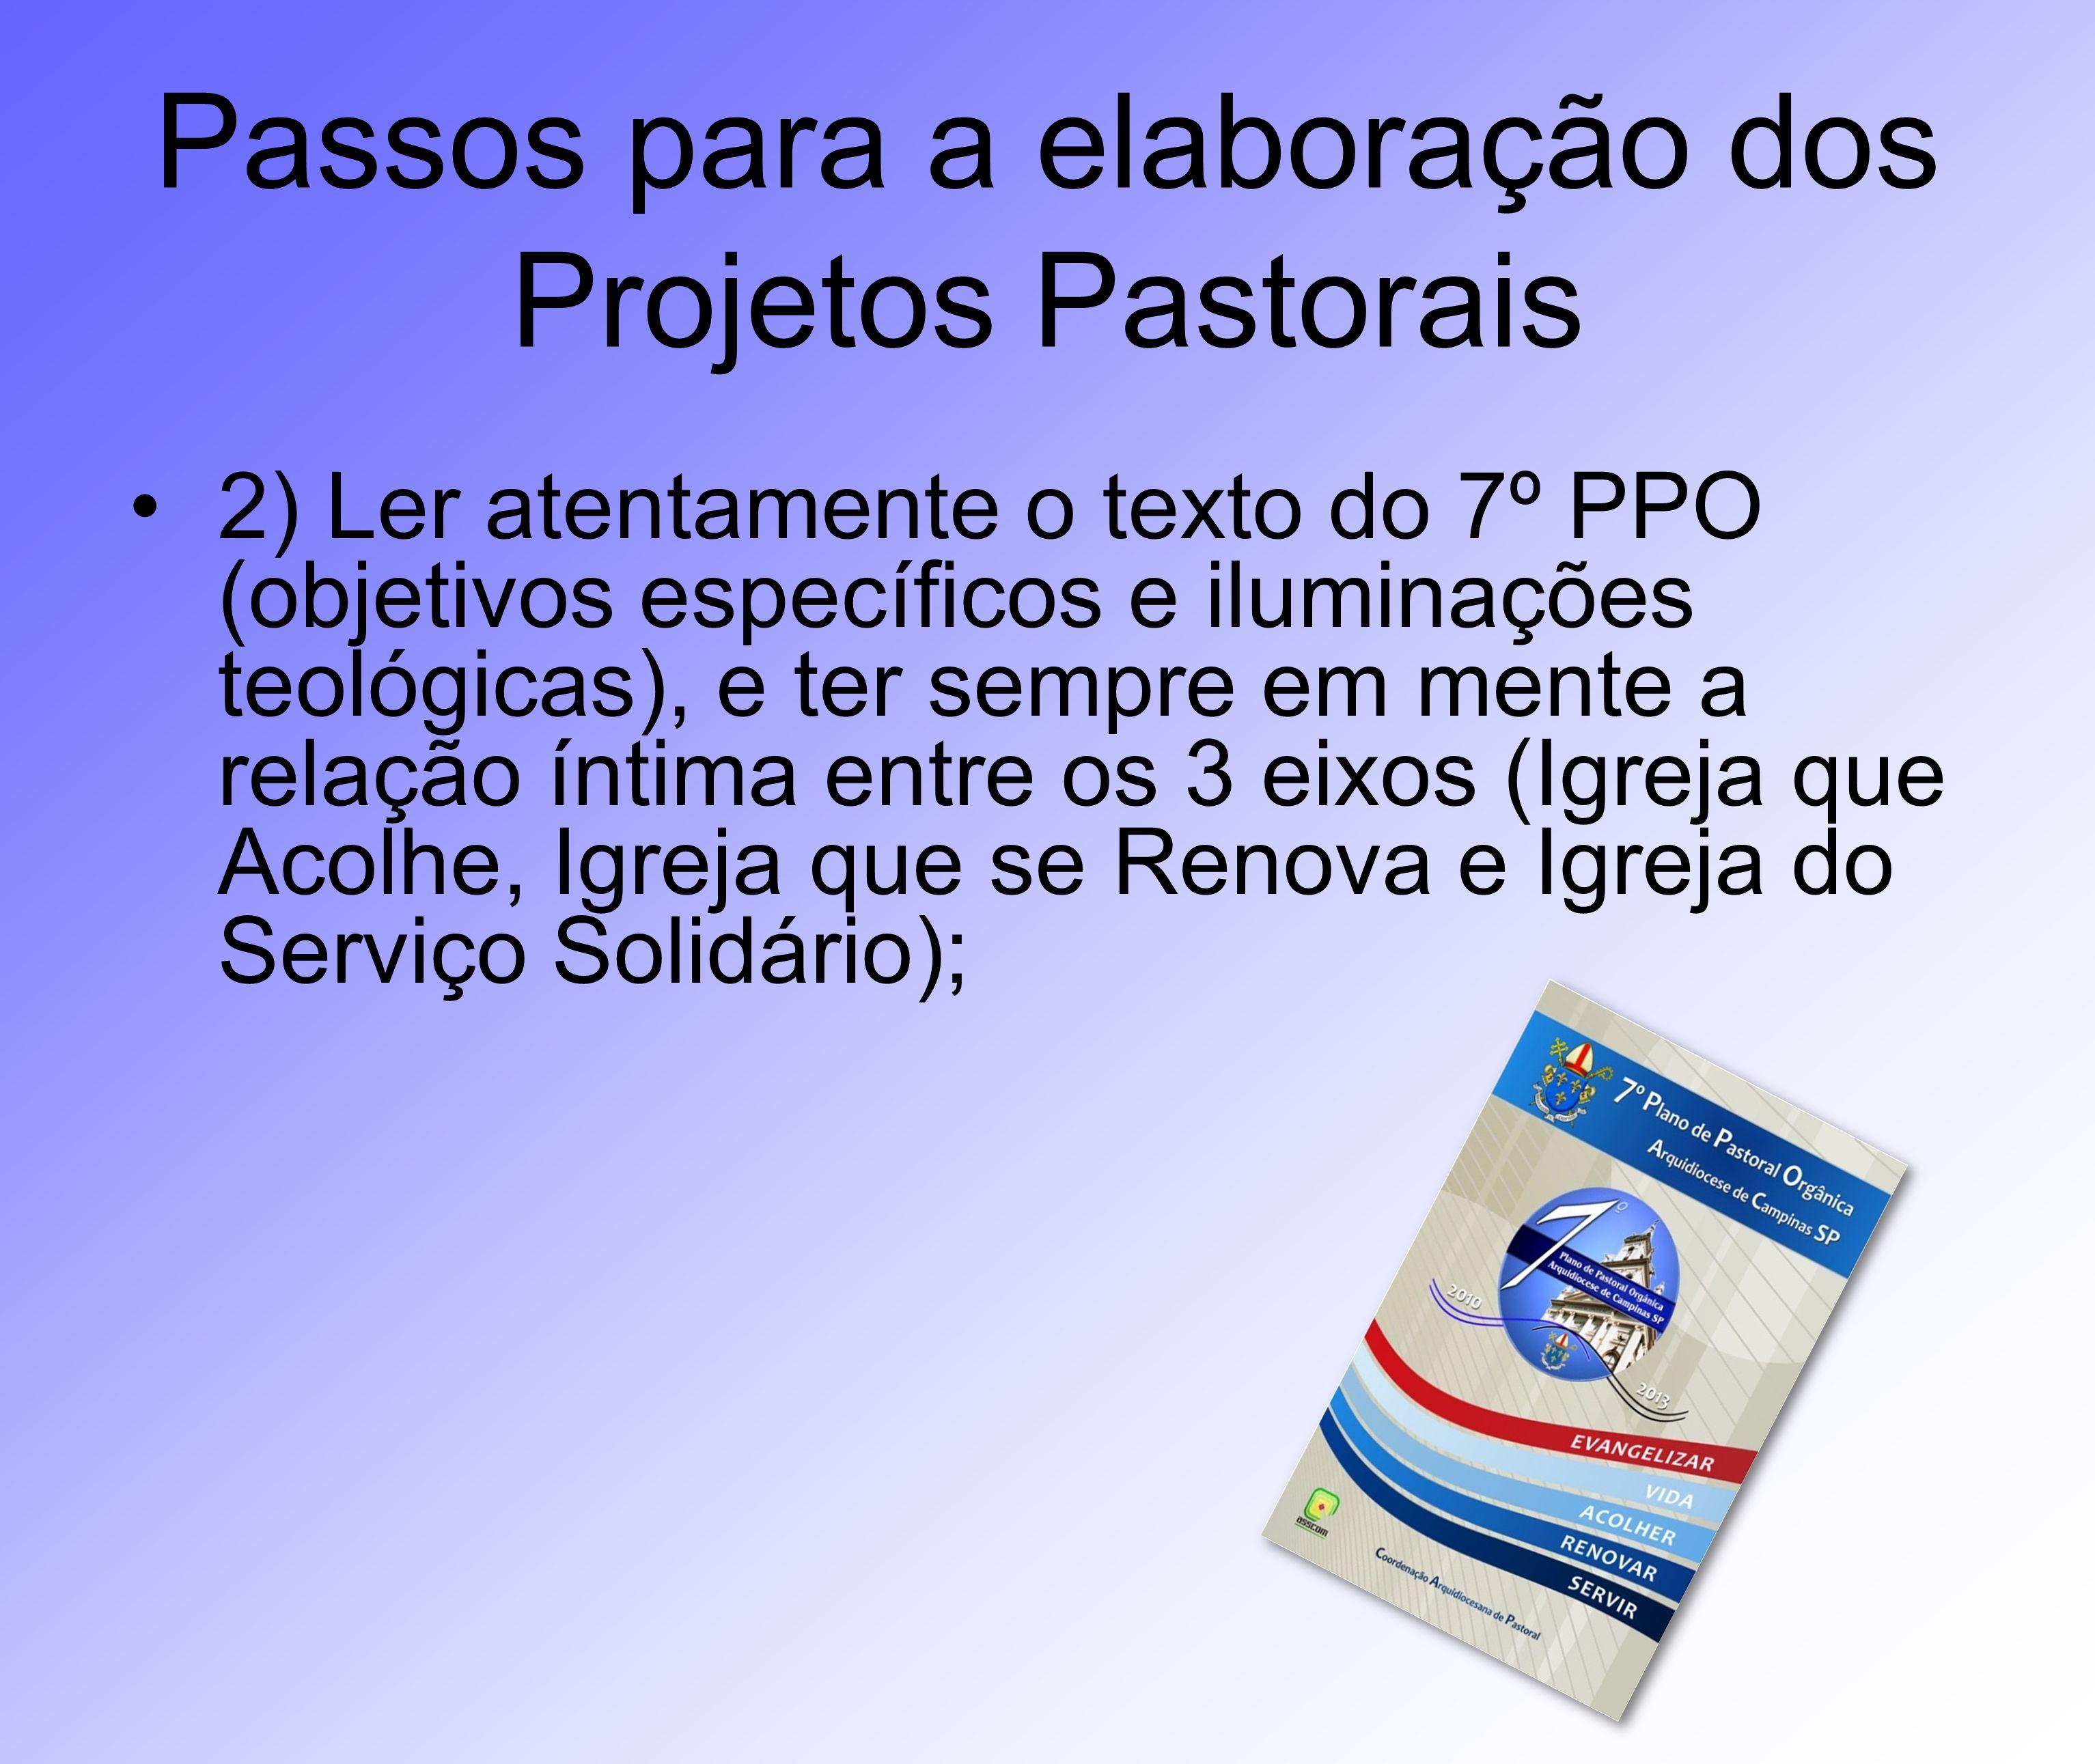 Passos para a elaboração dos Projetos Pastorais 2) Ler atentamente o texto do 7º PPO (objetivos específicos e iluminações teológicas), e ter sempre em